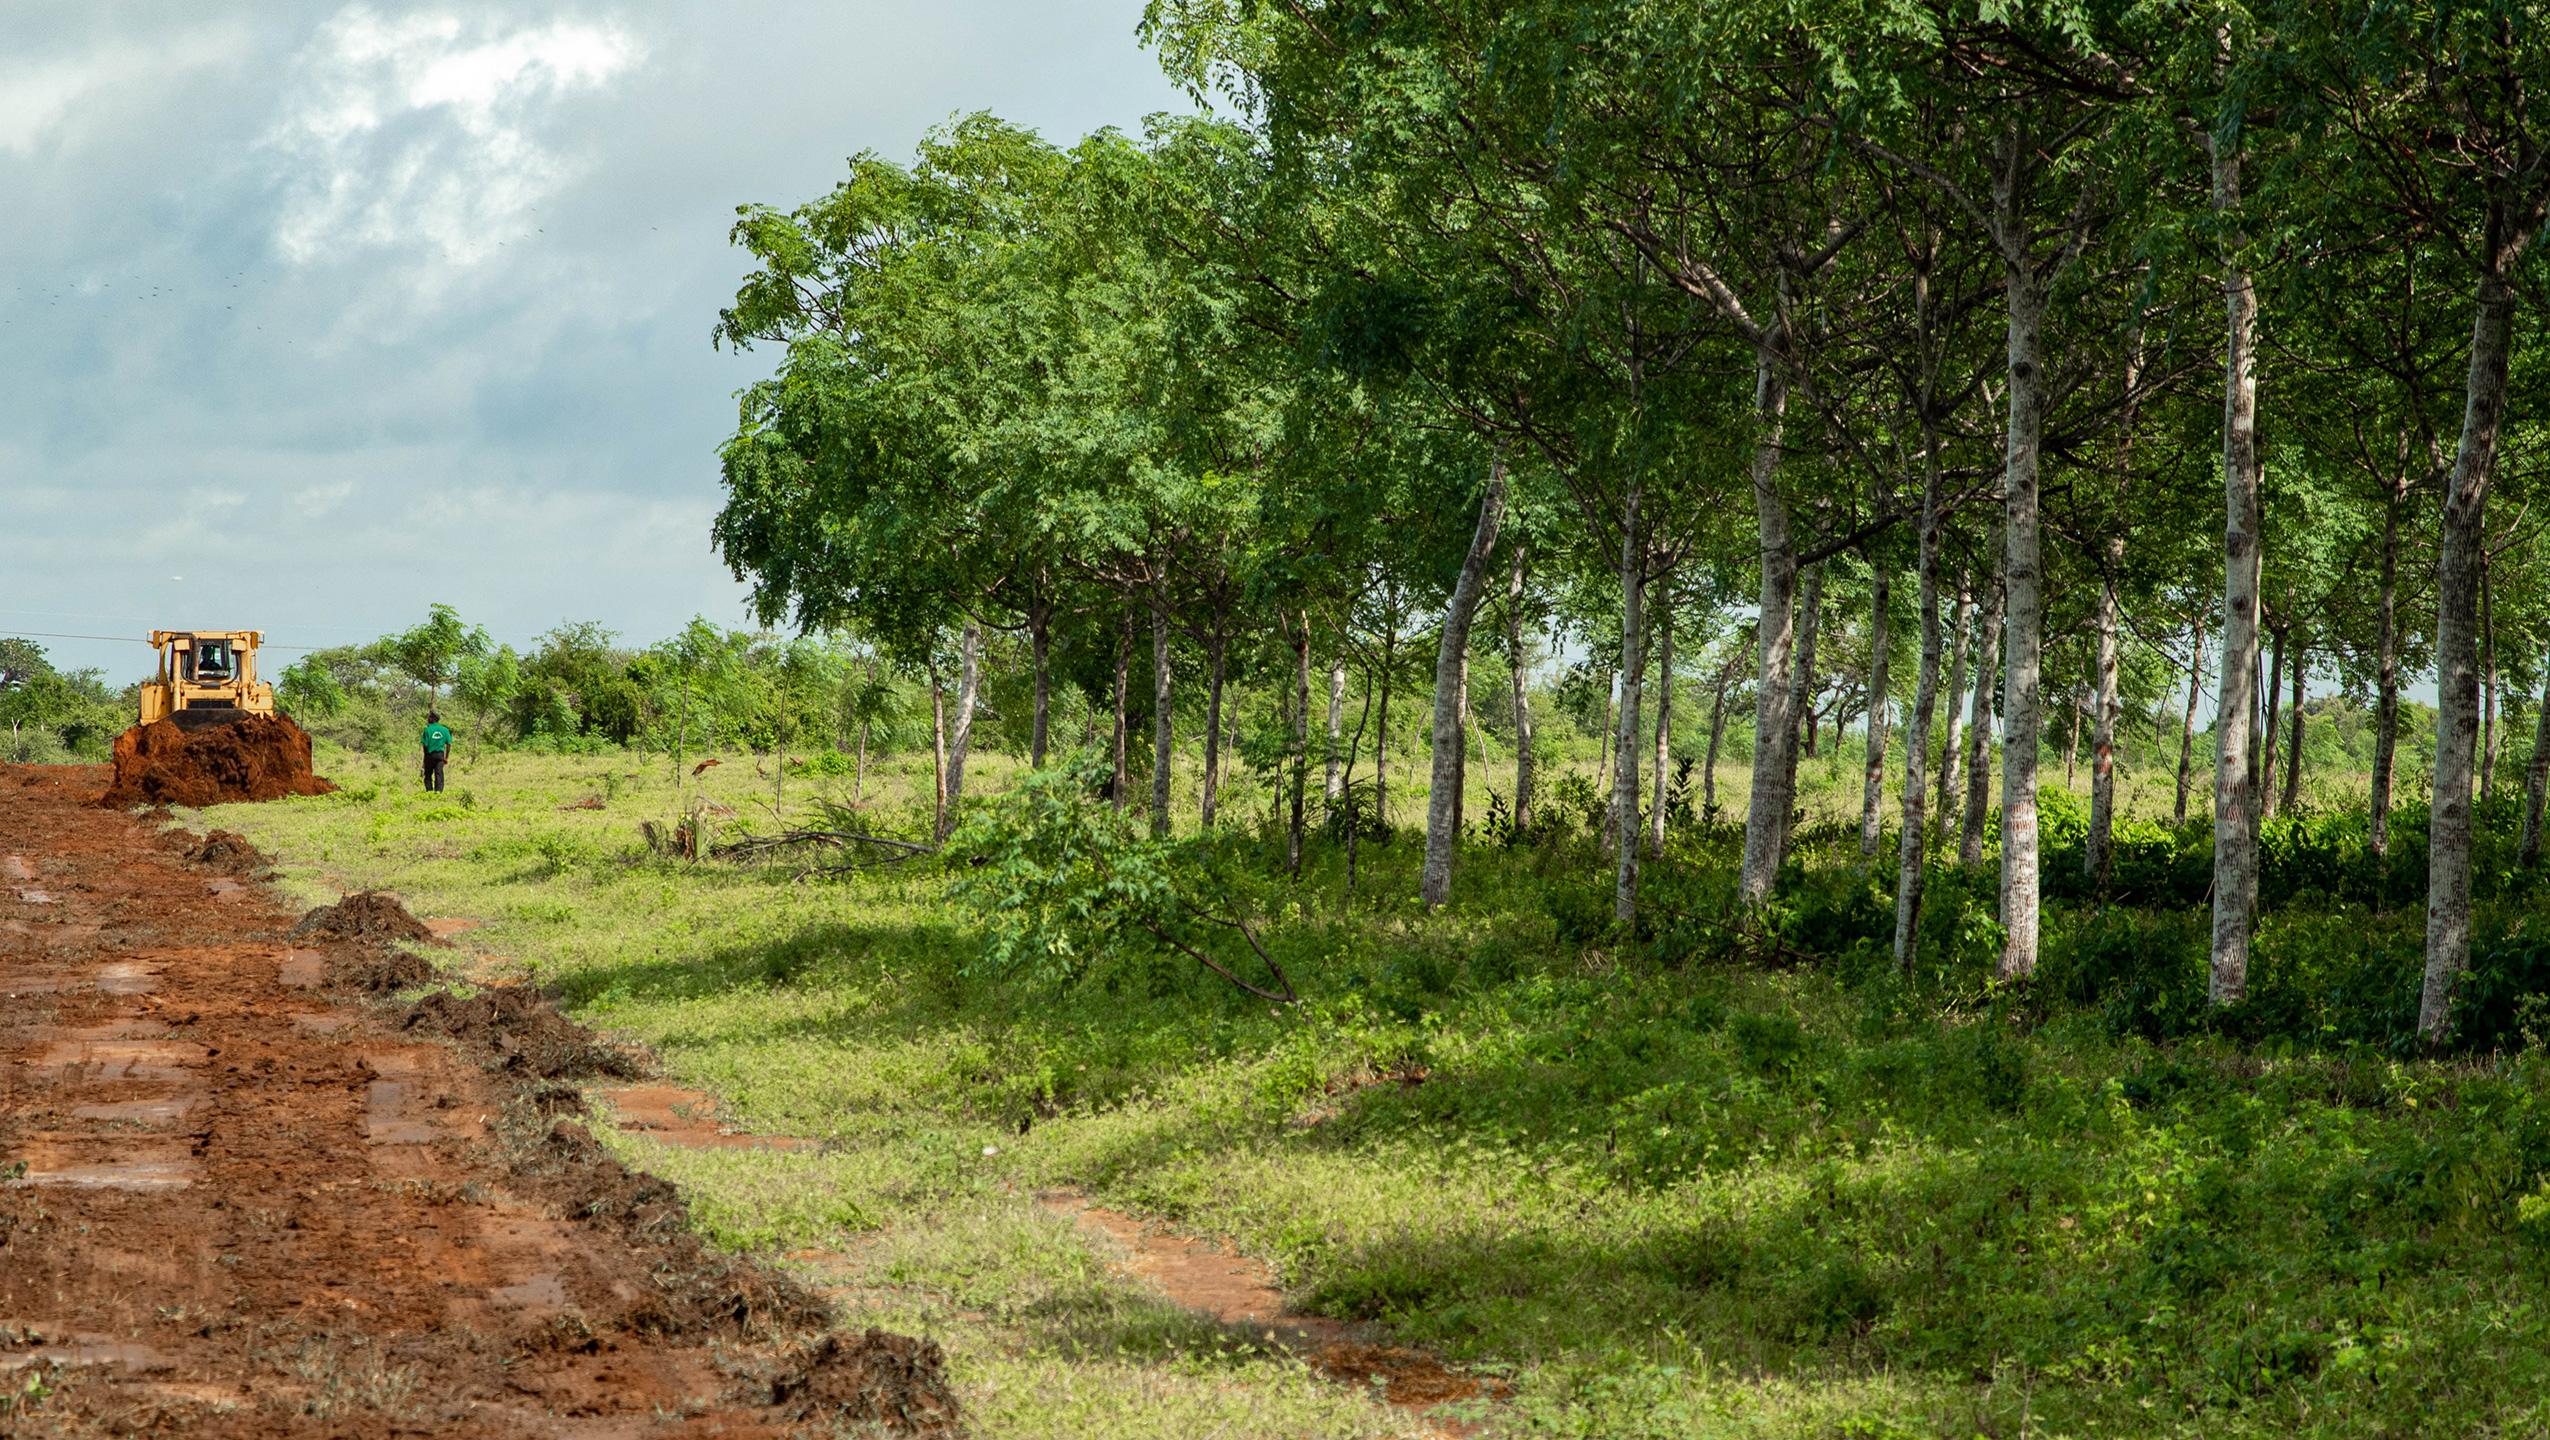 Bäume pflanzen reduziert die Klimabedrohung